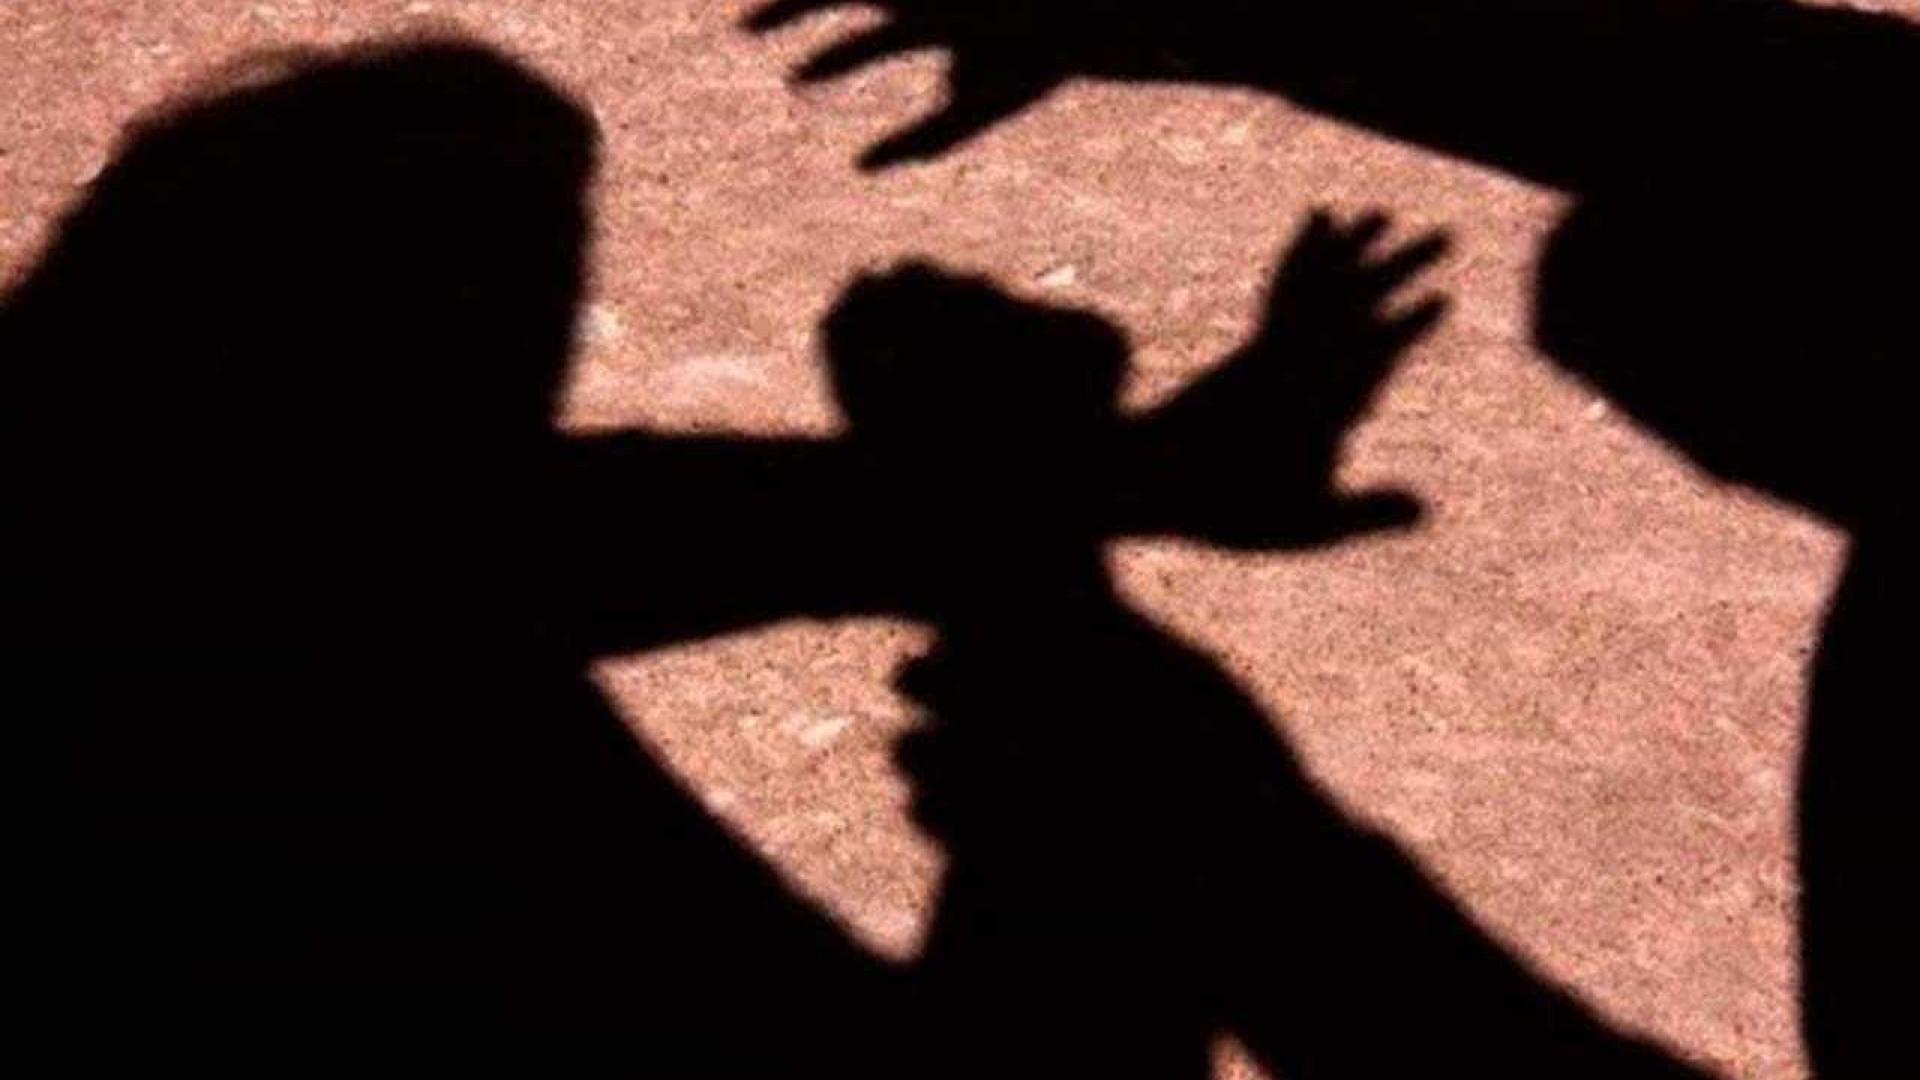 Policial mata duas jovens que o acusaram de estupro e comete suicídio